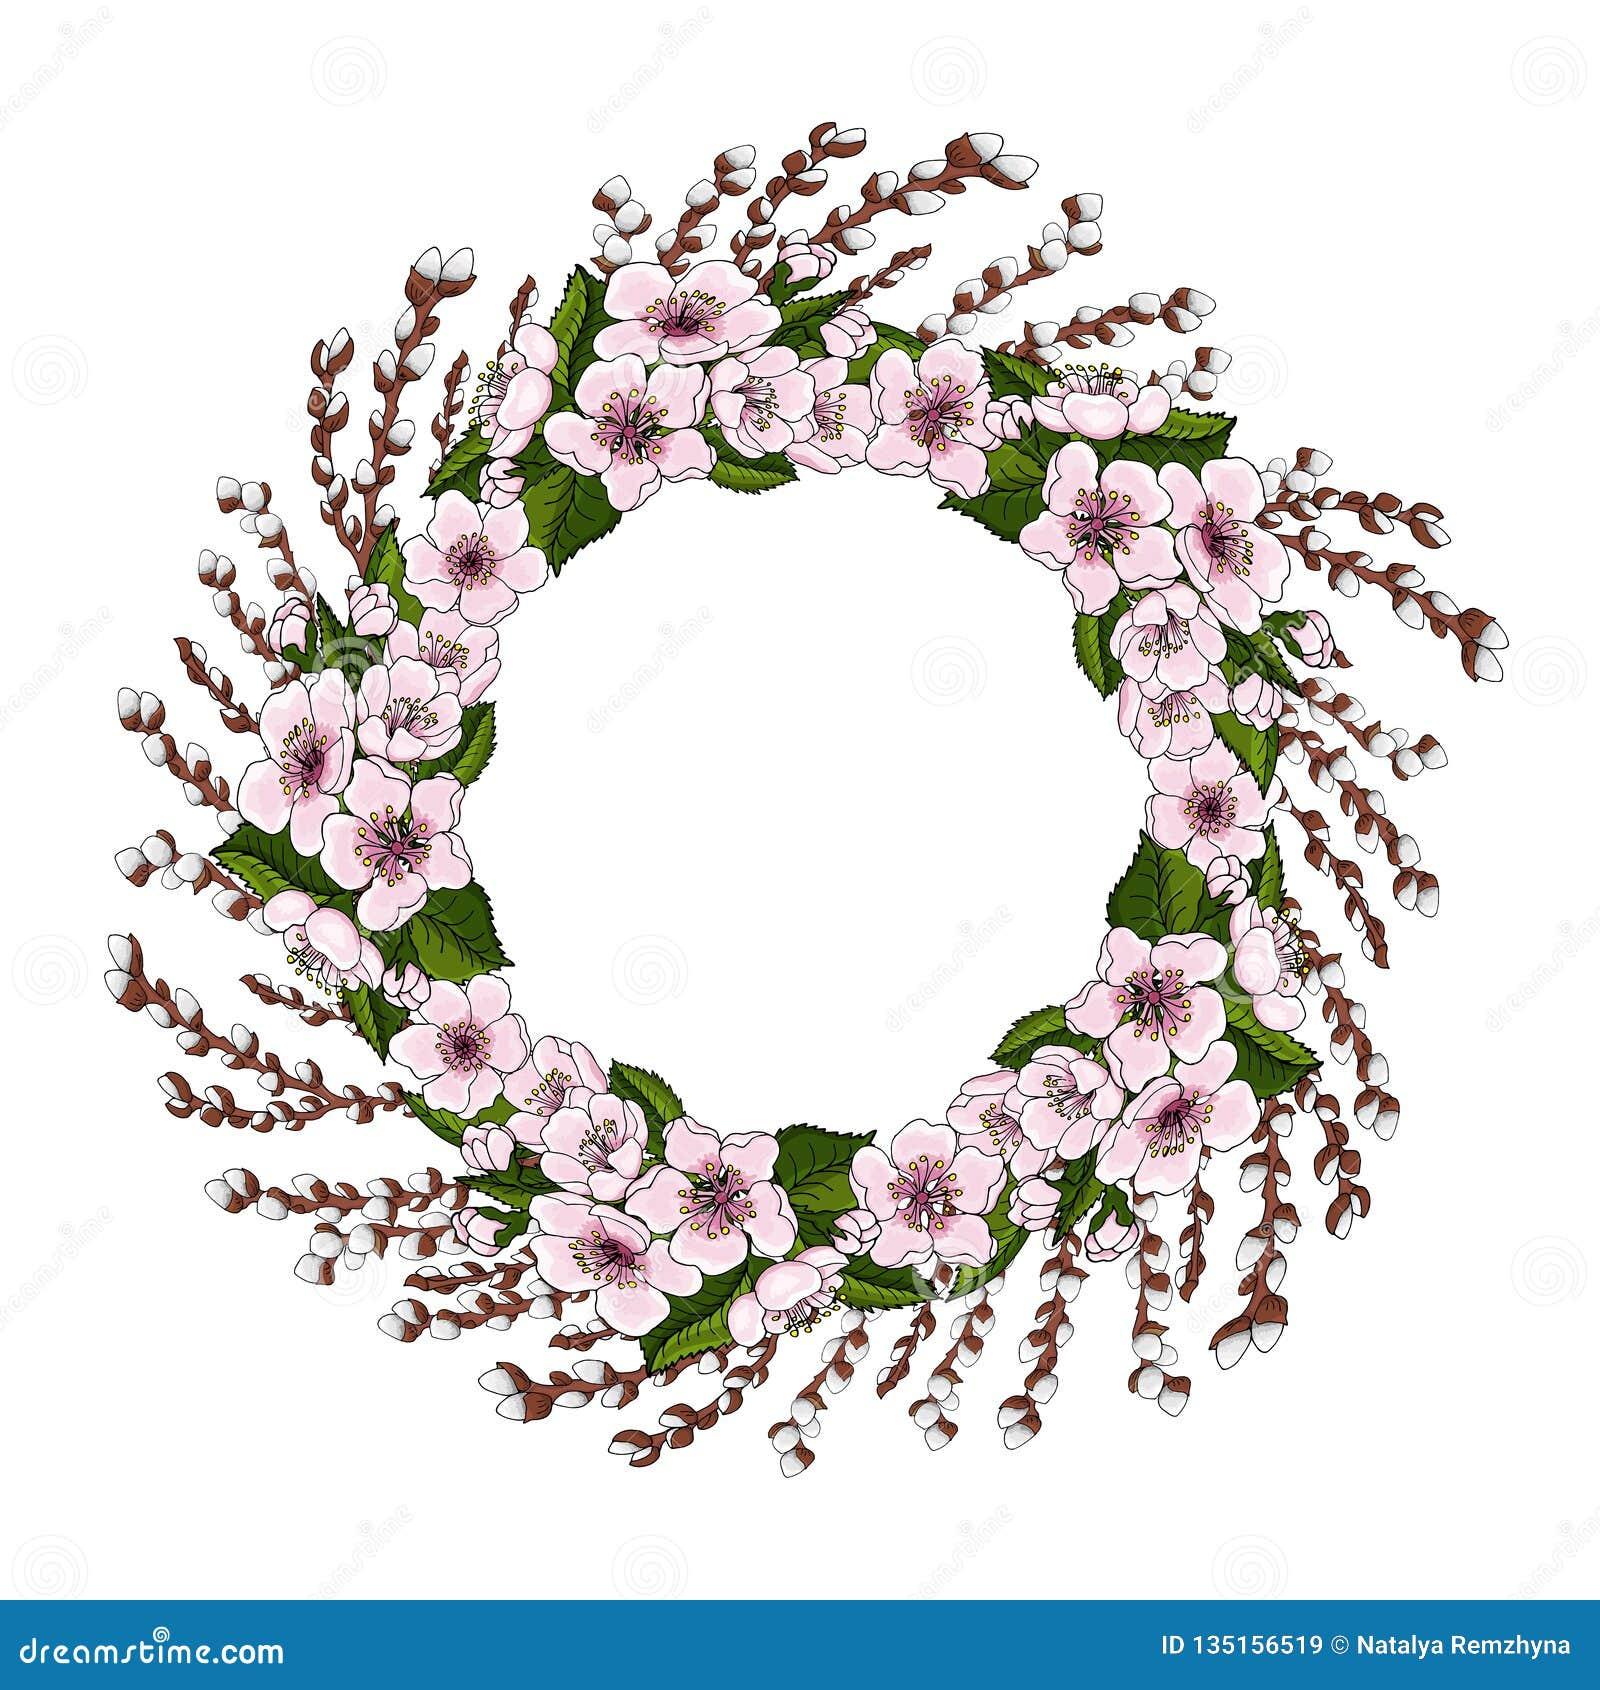 Венок розовых вишневых цветов и ярких ых-зелен листьев вместе с молодыми ветвями вербы на белой предпосылке Естественный круг fra